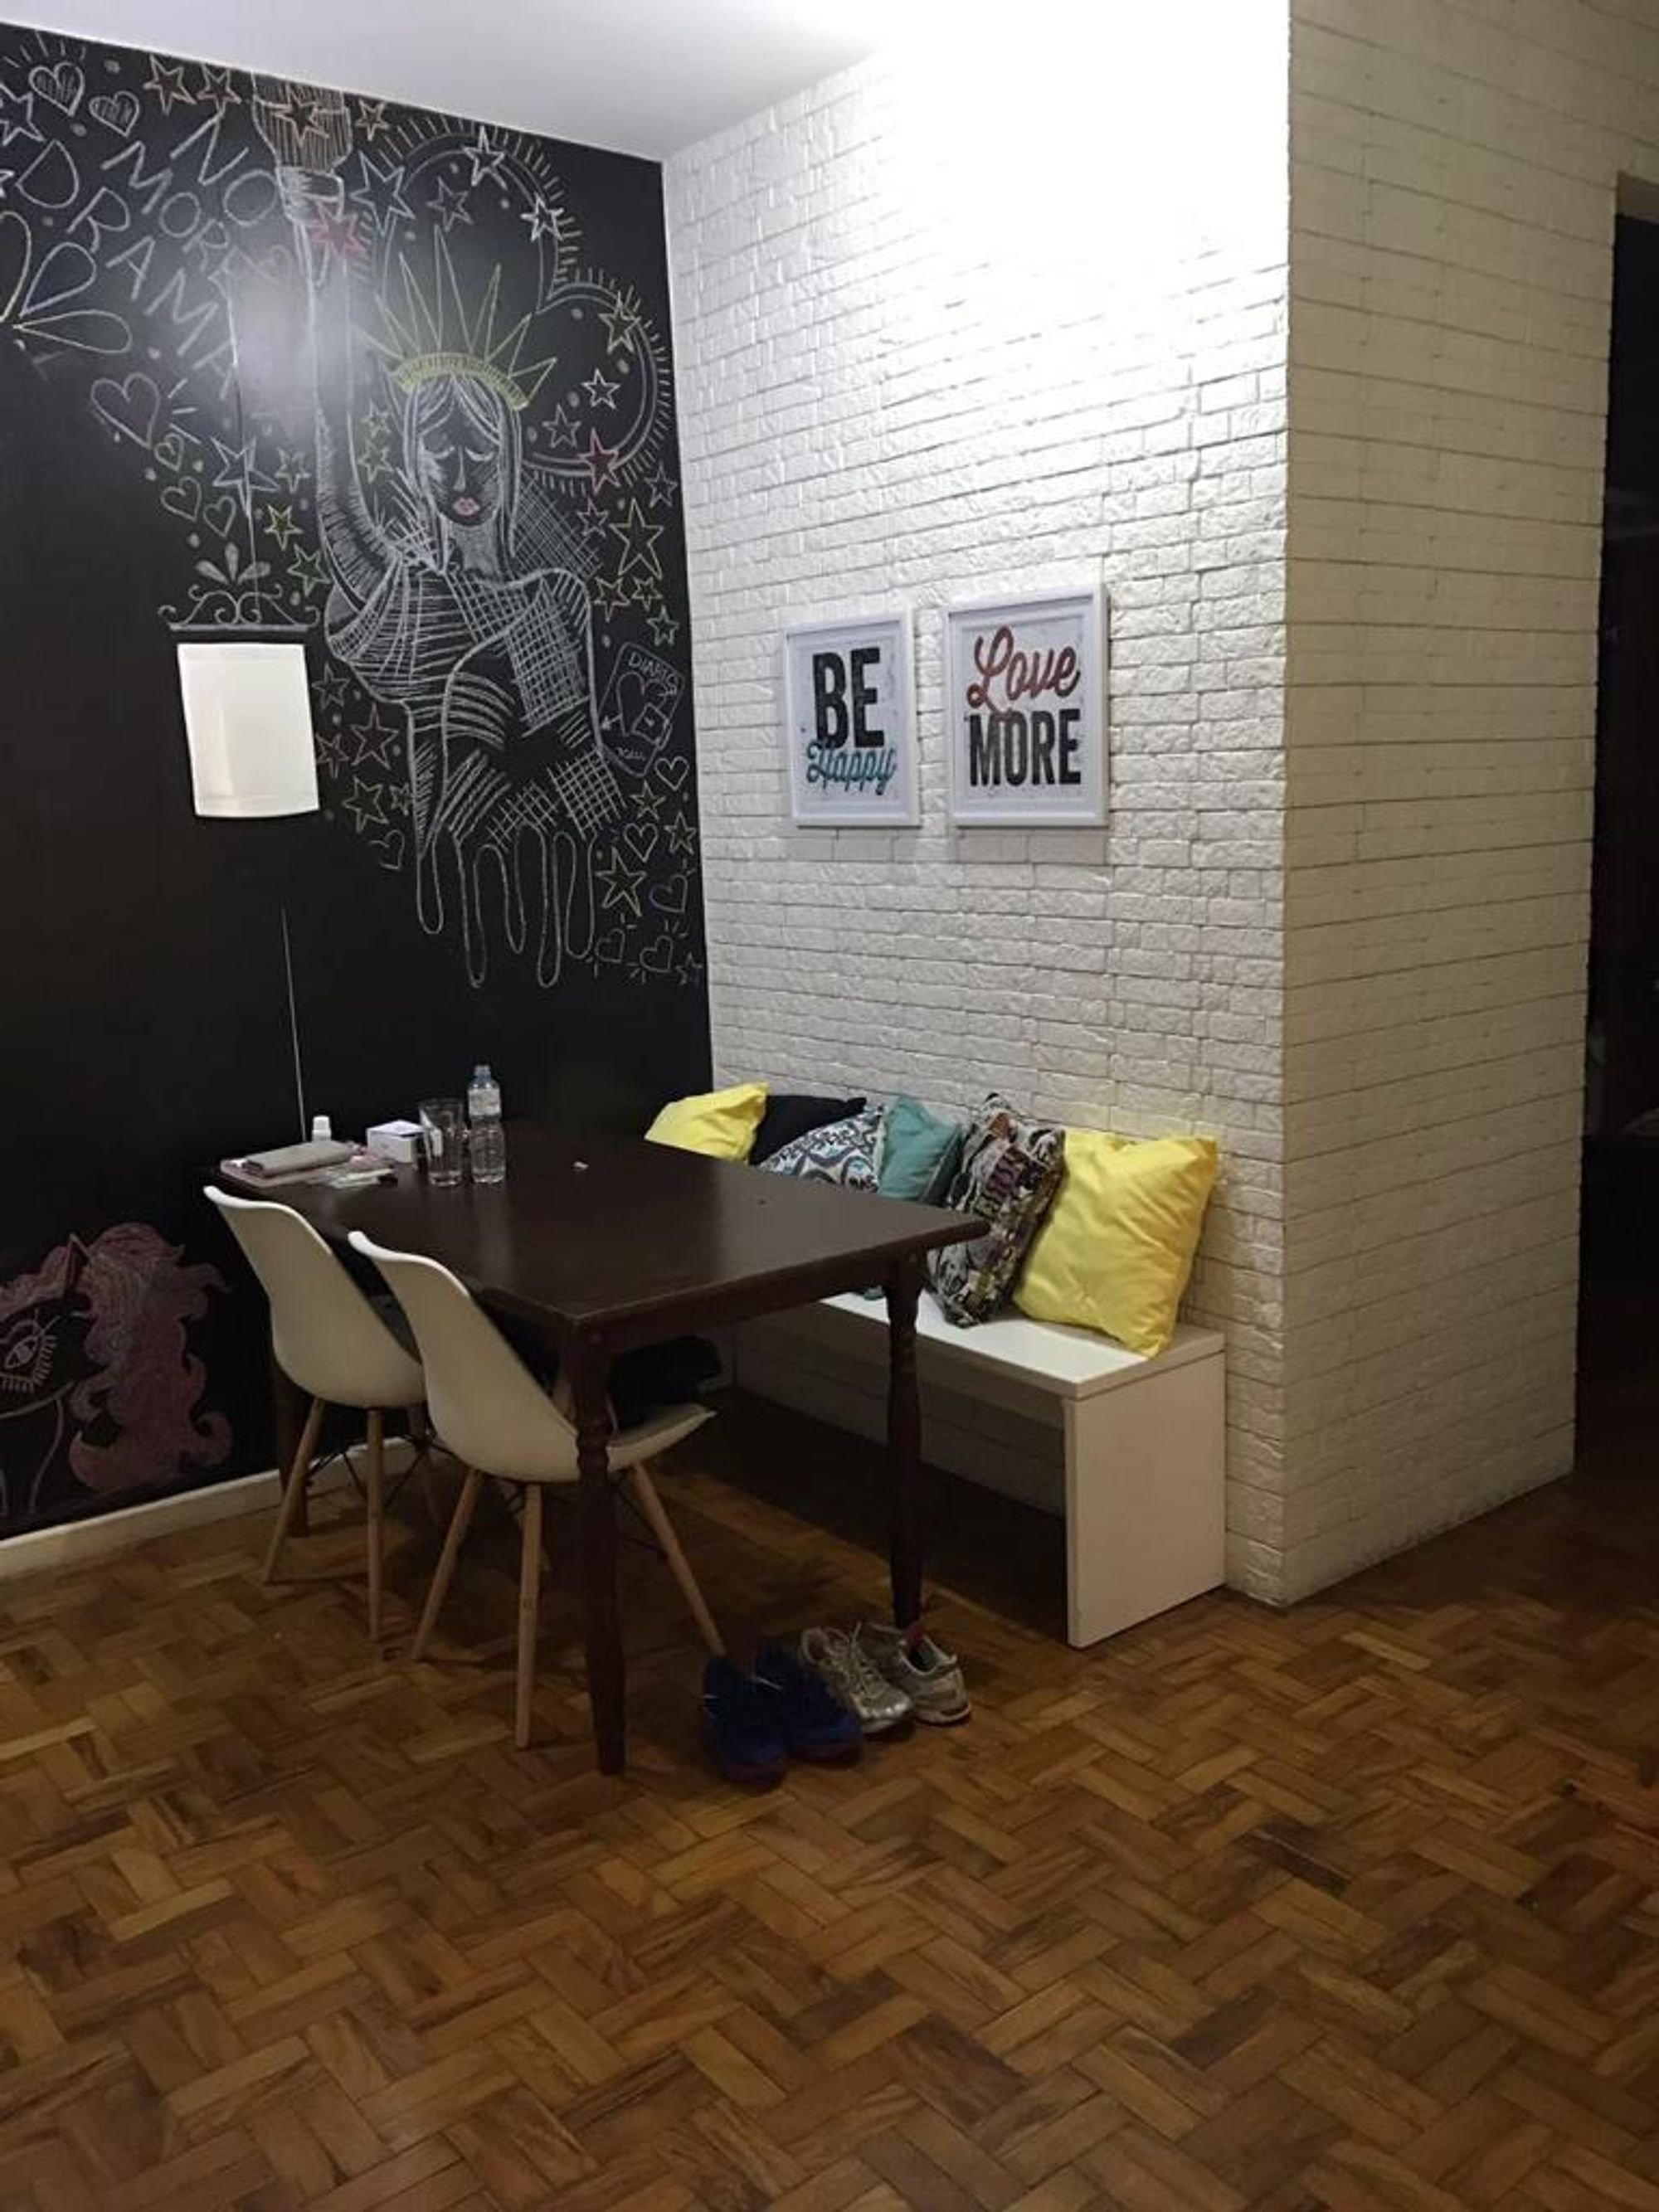 Foto de Sala com banco, cadeira, mesa de jantar, xícara